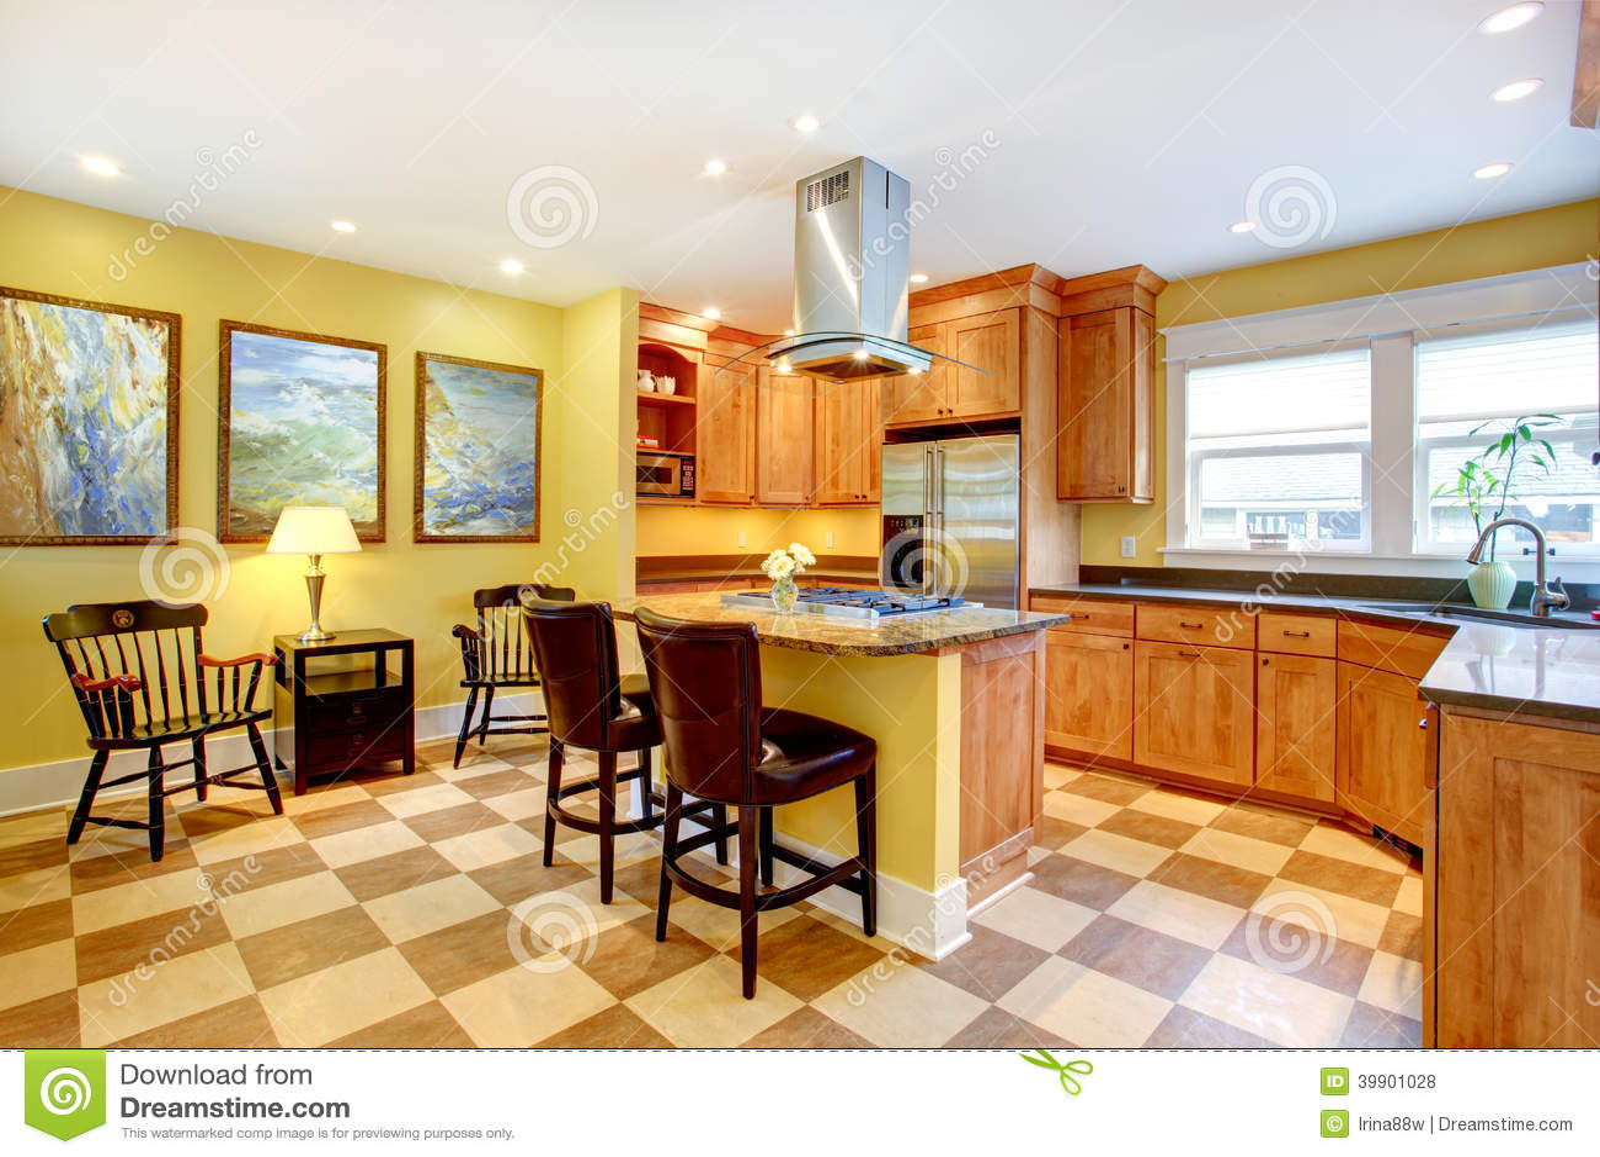 Pareti Gialle E Arancio : Interno della cucina pareti gialle e pavimento